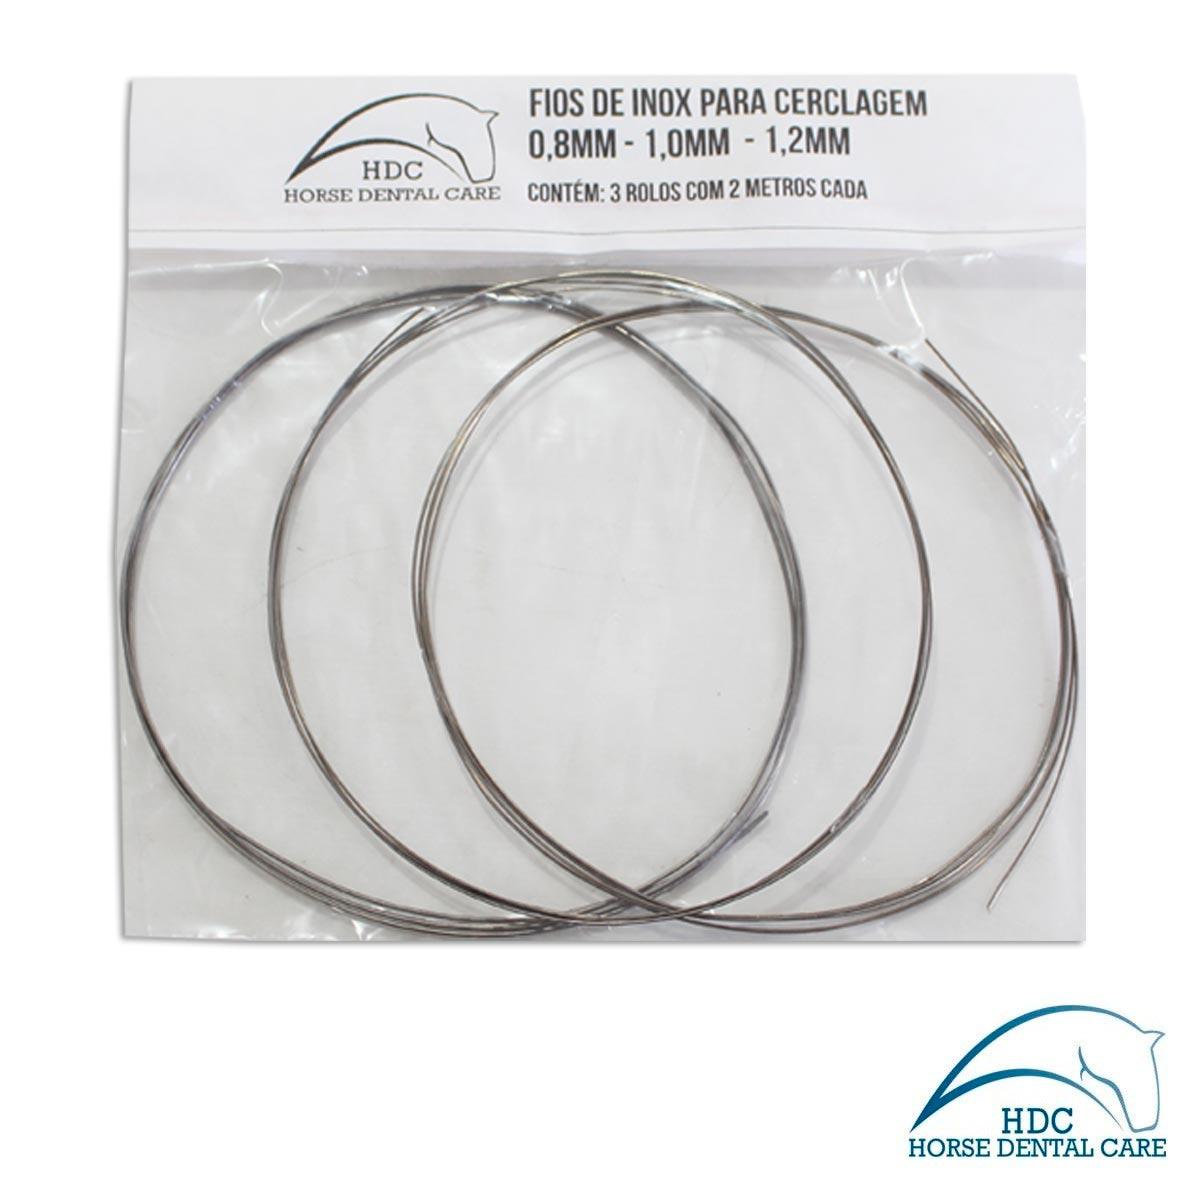 Fio de inox para Cerclagem - 3 Rolos (0.8,1.0 e 1.2mm)